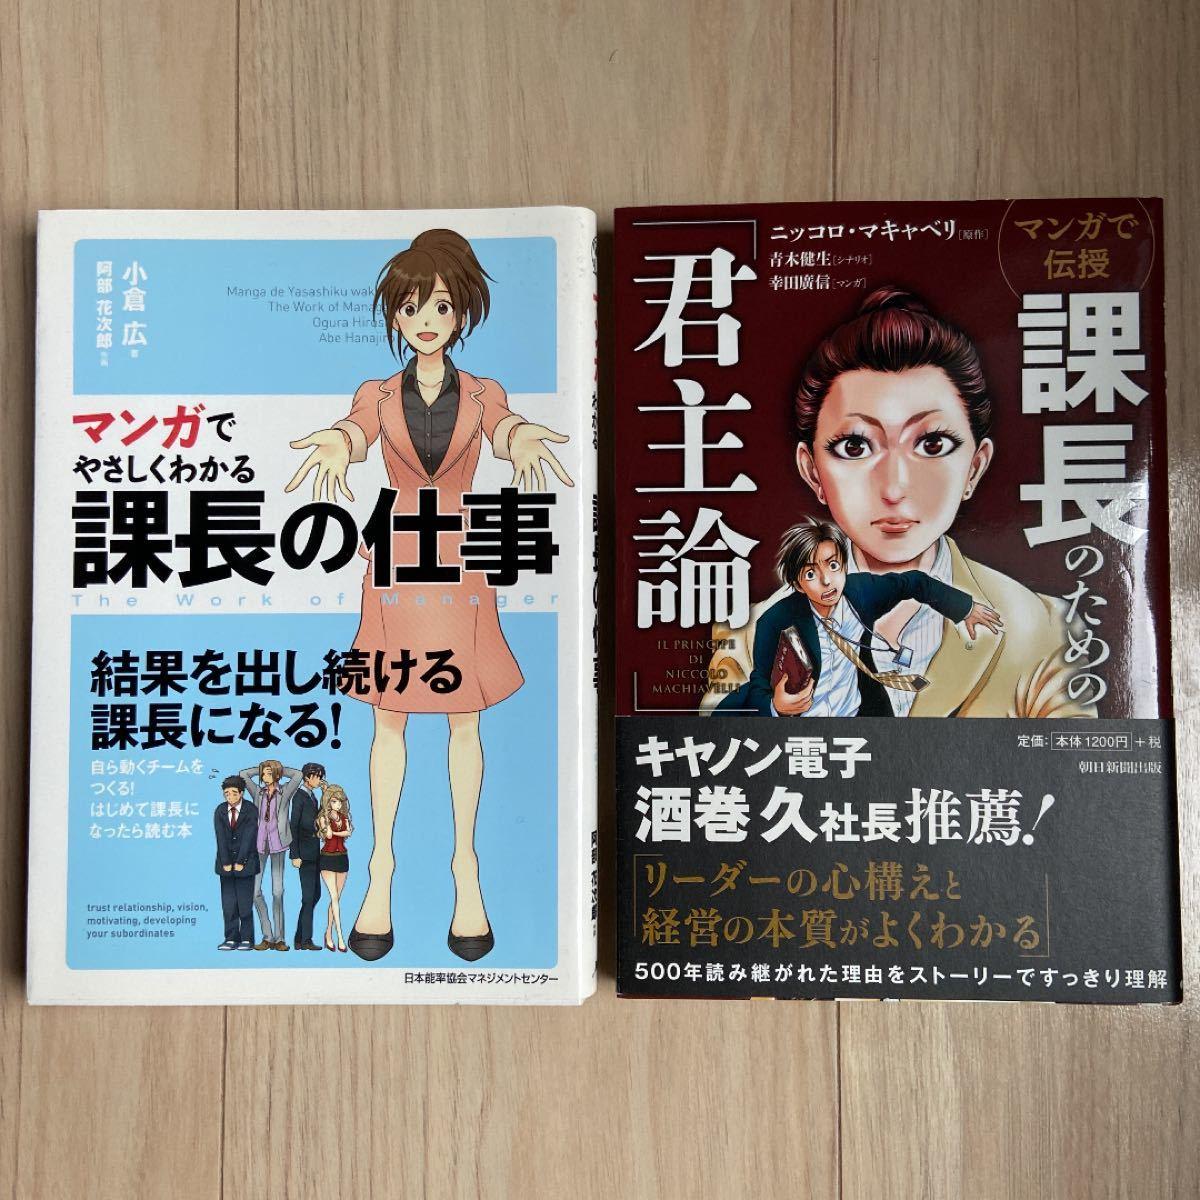 マンガで伝授 課長のための「君主論」、マンガでやさしくわかる課長の仕事 2冊セット